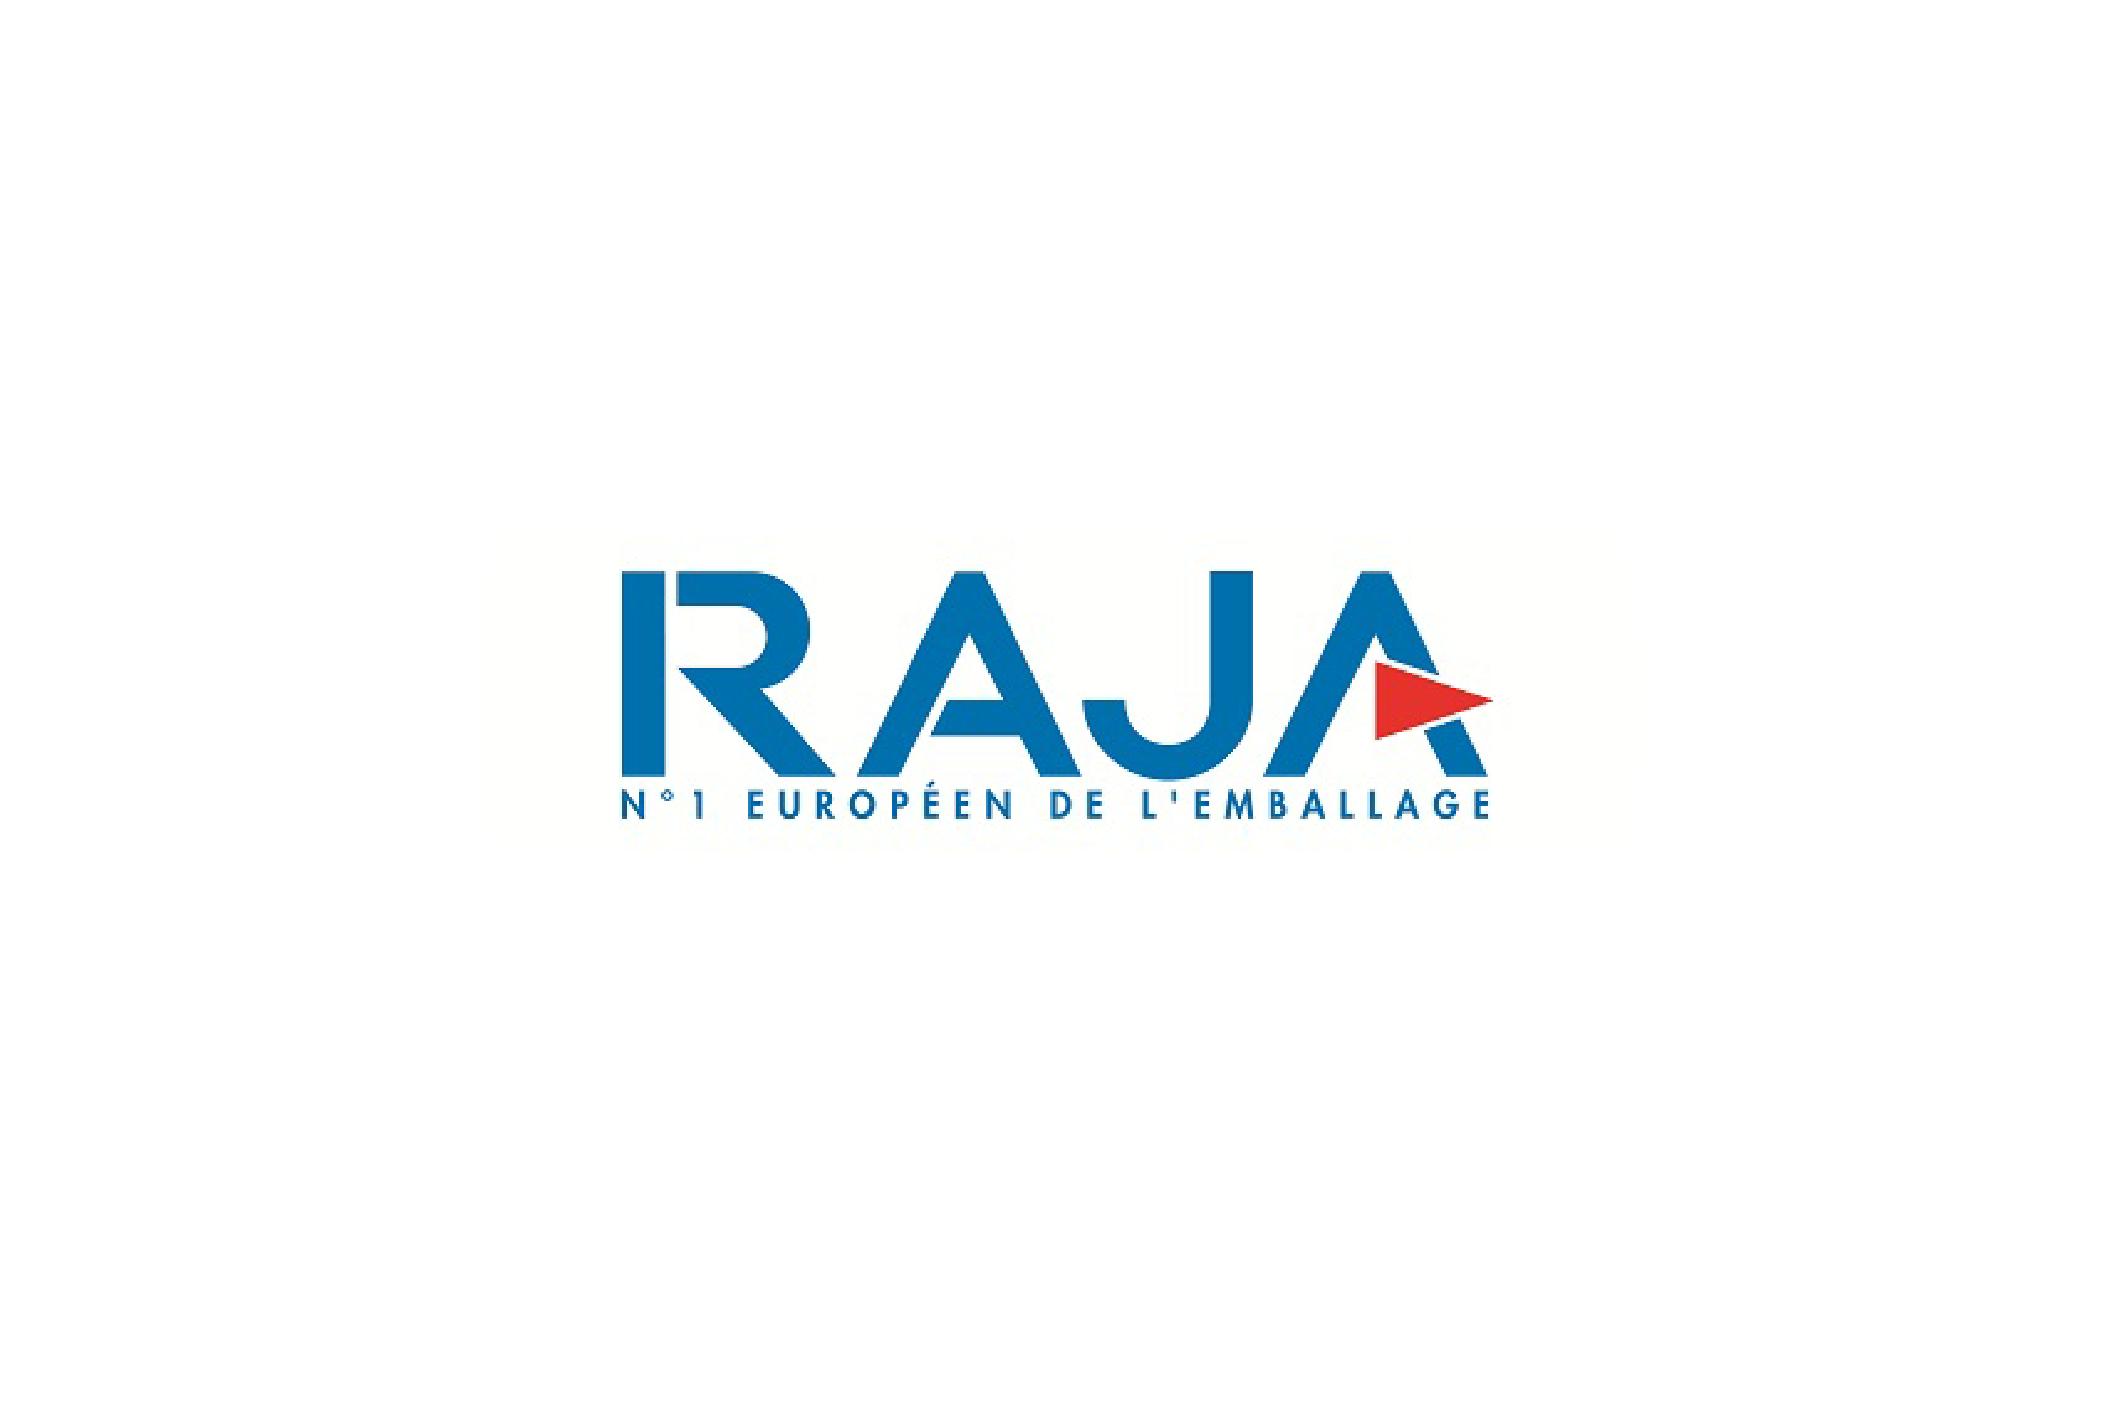 Interview de Gwenn Rio, directrice relation clientèle chez Raja